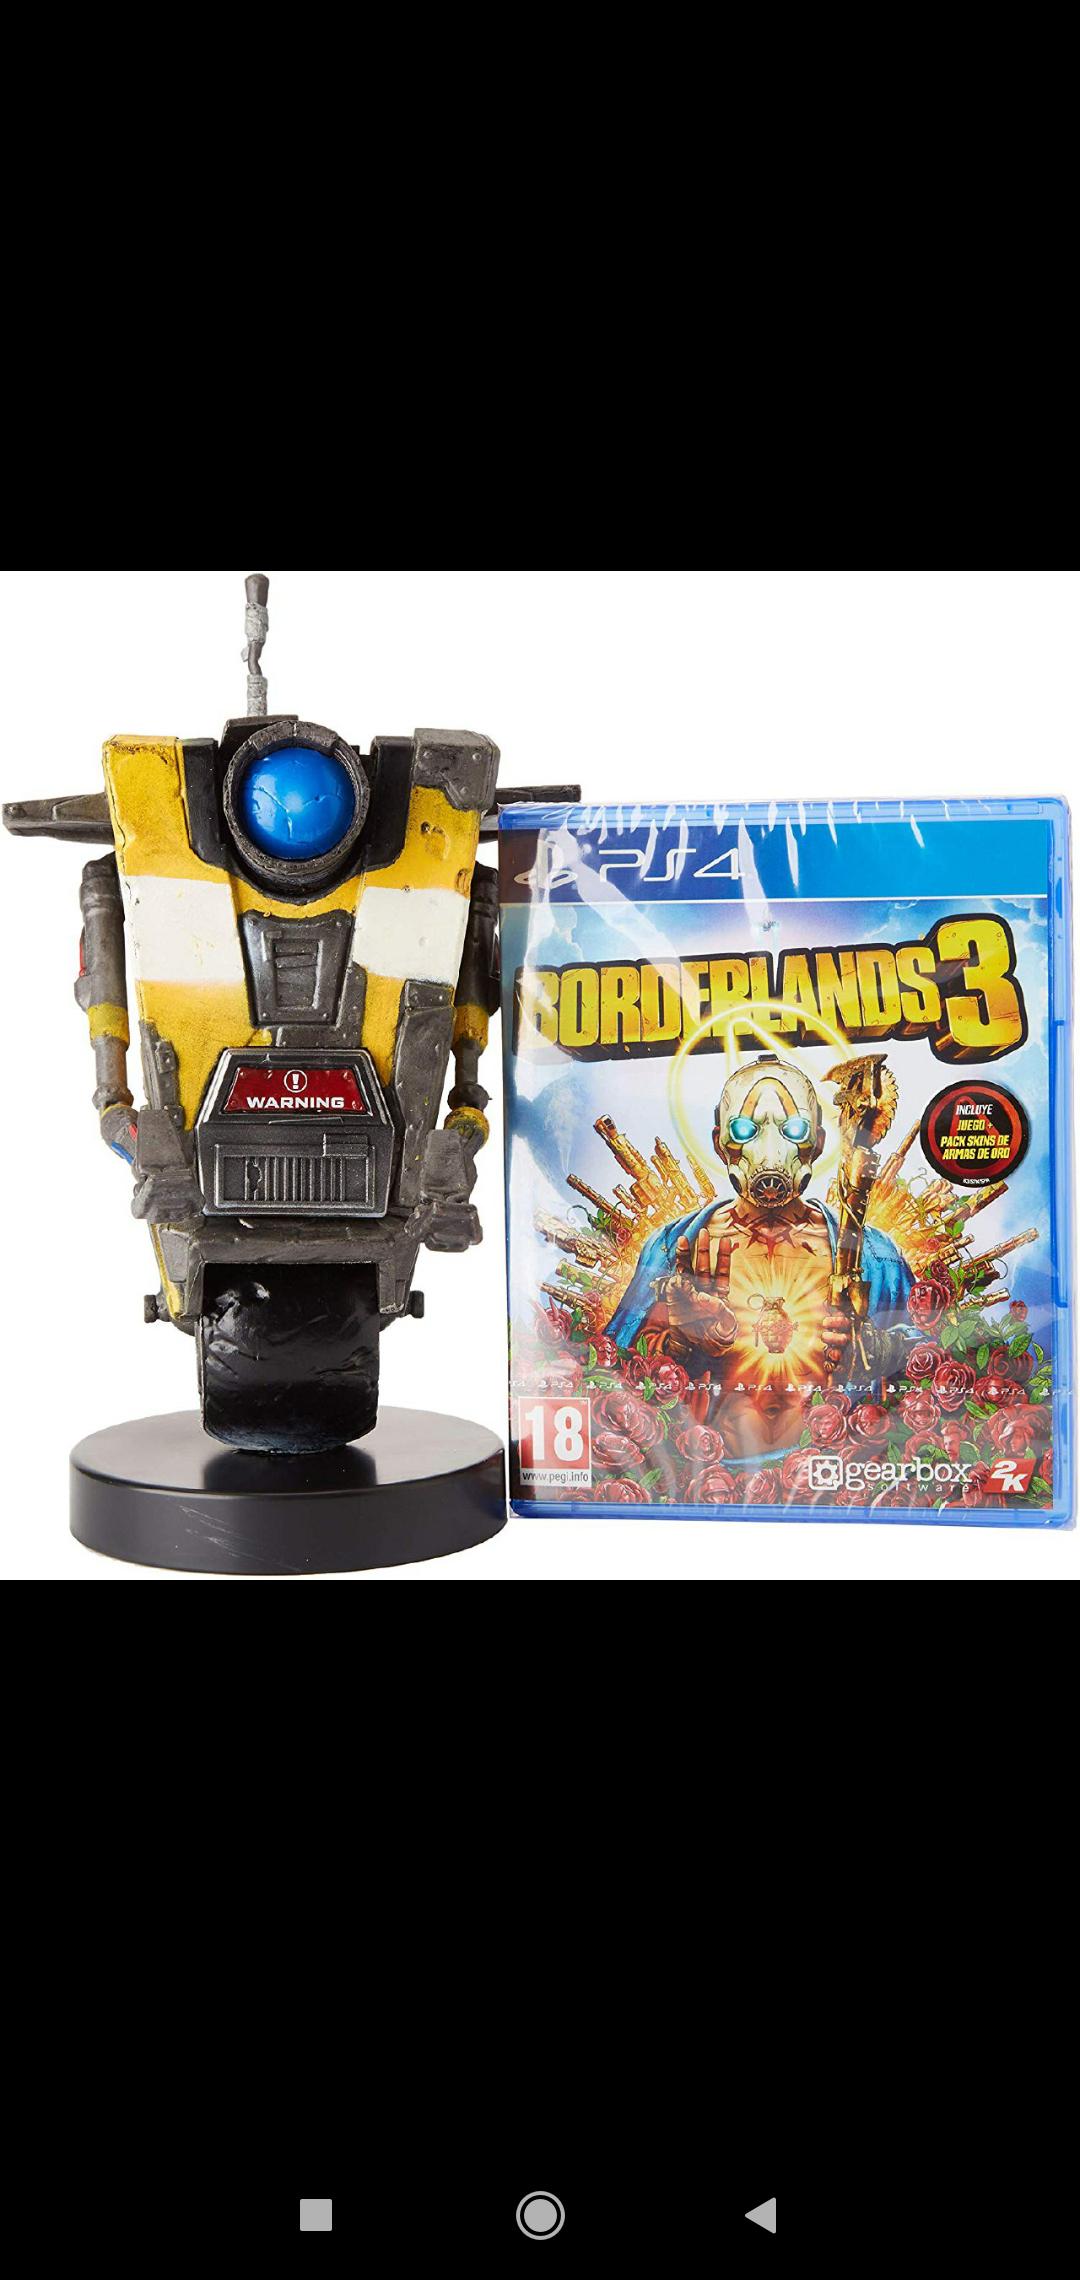 Pack Juego Borderlands 3 + Cable Guy (soporte de mando) Clap Trap PS4